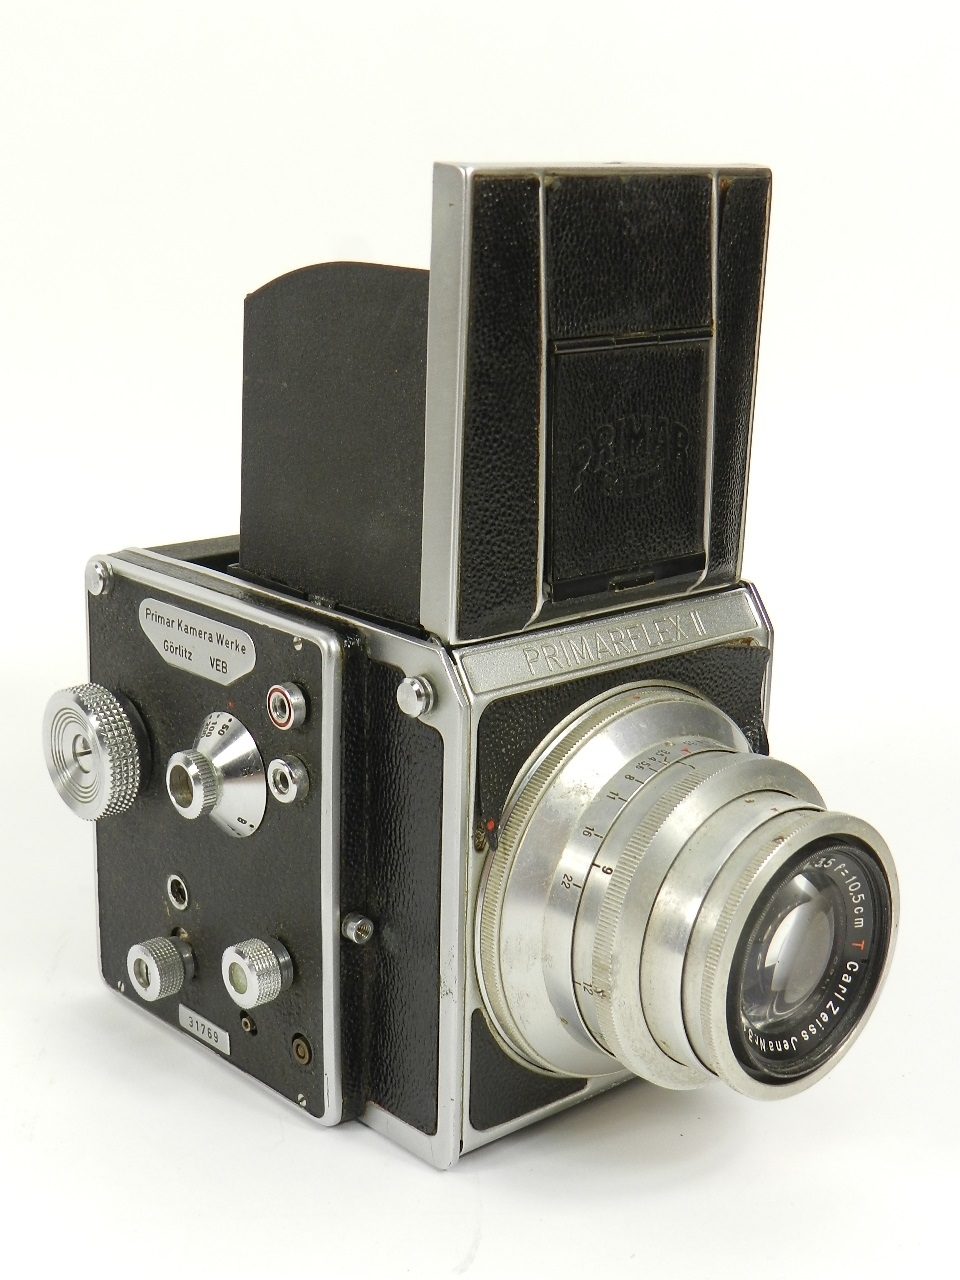 Imagen PRIMARFLEX II  AÑO 1952 37695